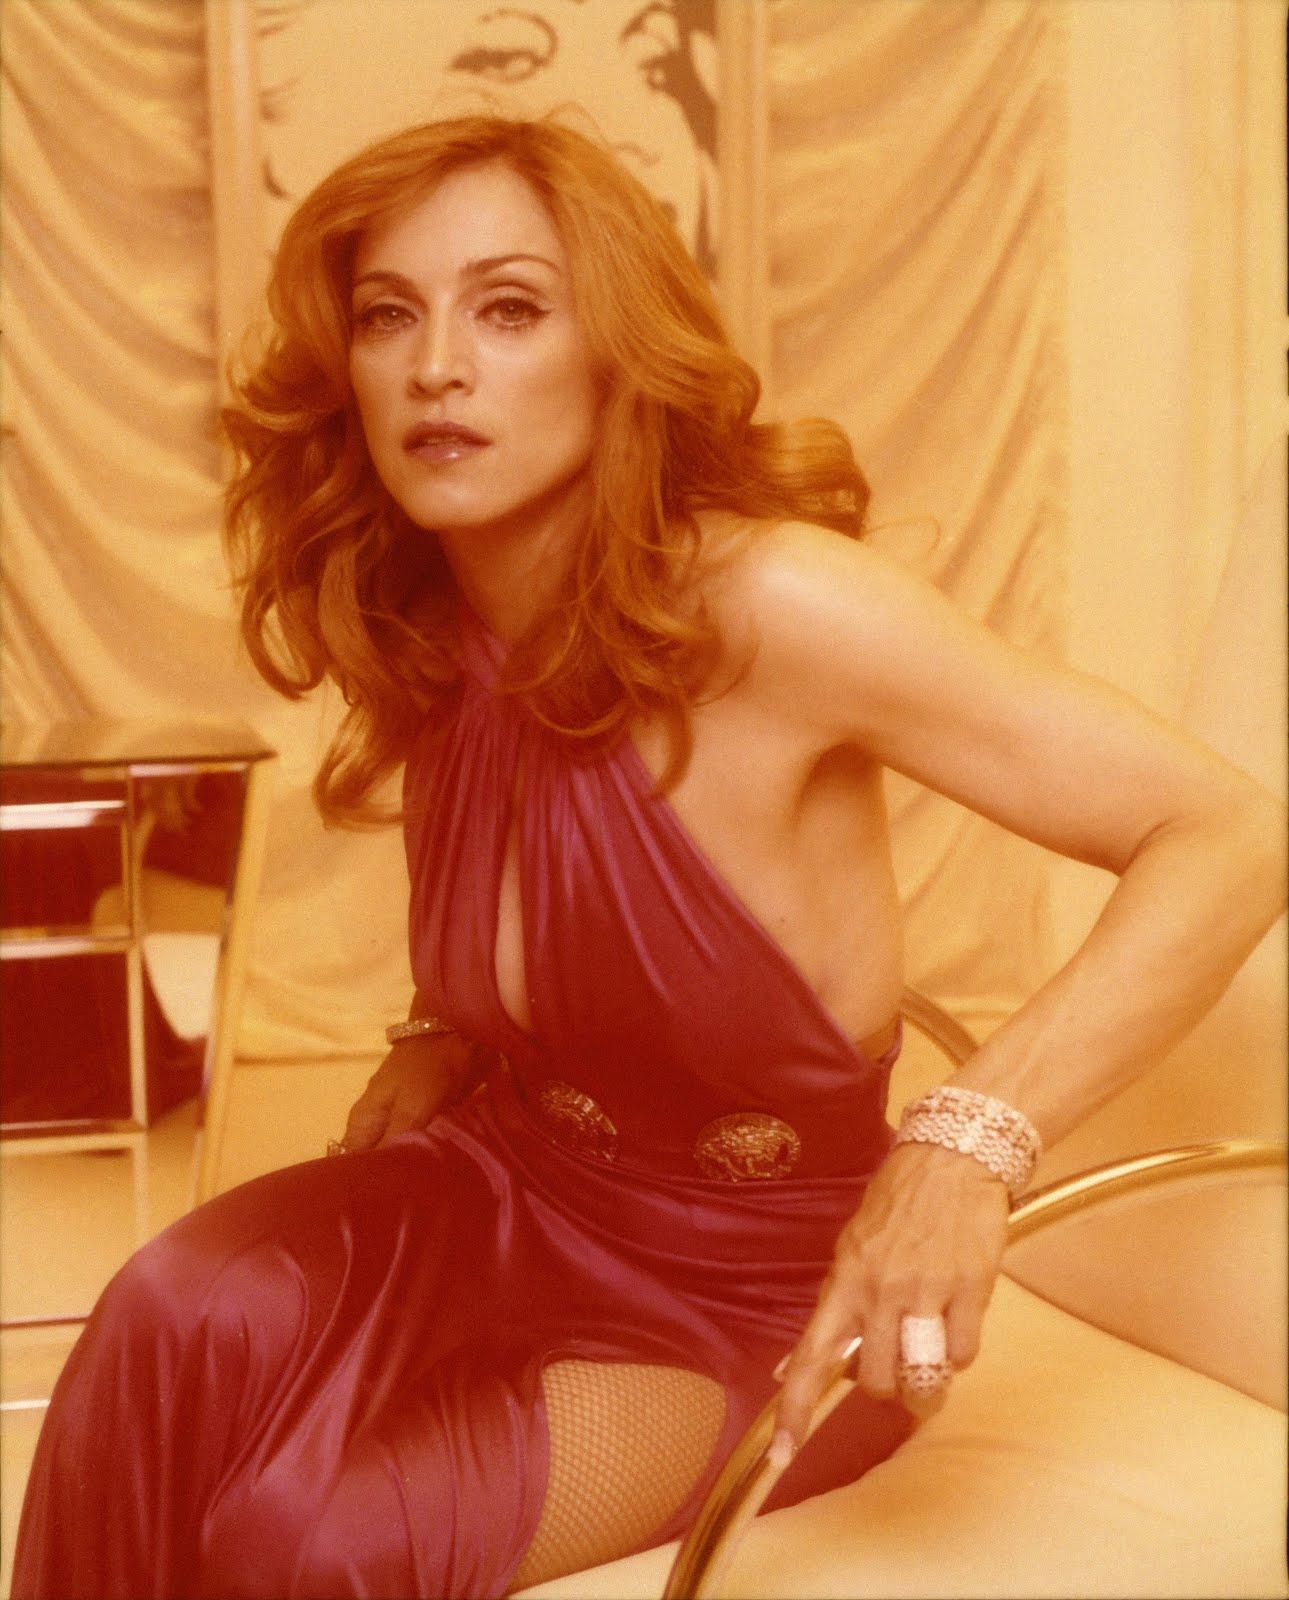 http://2.bp.blogspot.com/_S_fYtG5kOQo/TEnF_pVAEZI/AAAAAAAAAII/1HFYDDXKt0Y/s1600/2005+-+Madonna+by+Steven+Klein+for+Confessions+on+a+Dance+Floor+-+t2+49-7.jpg